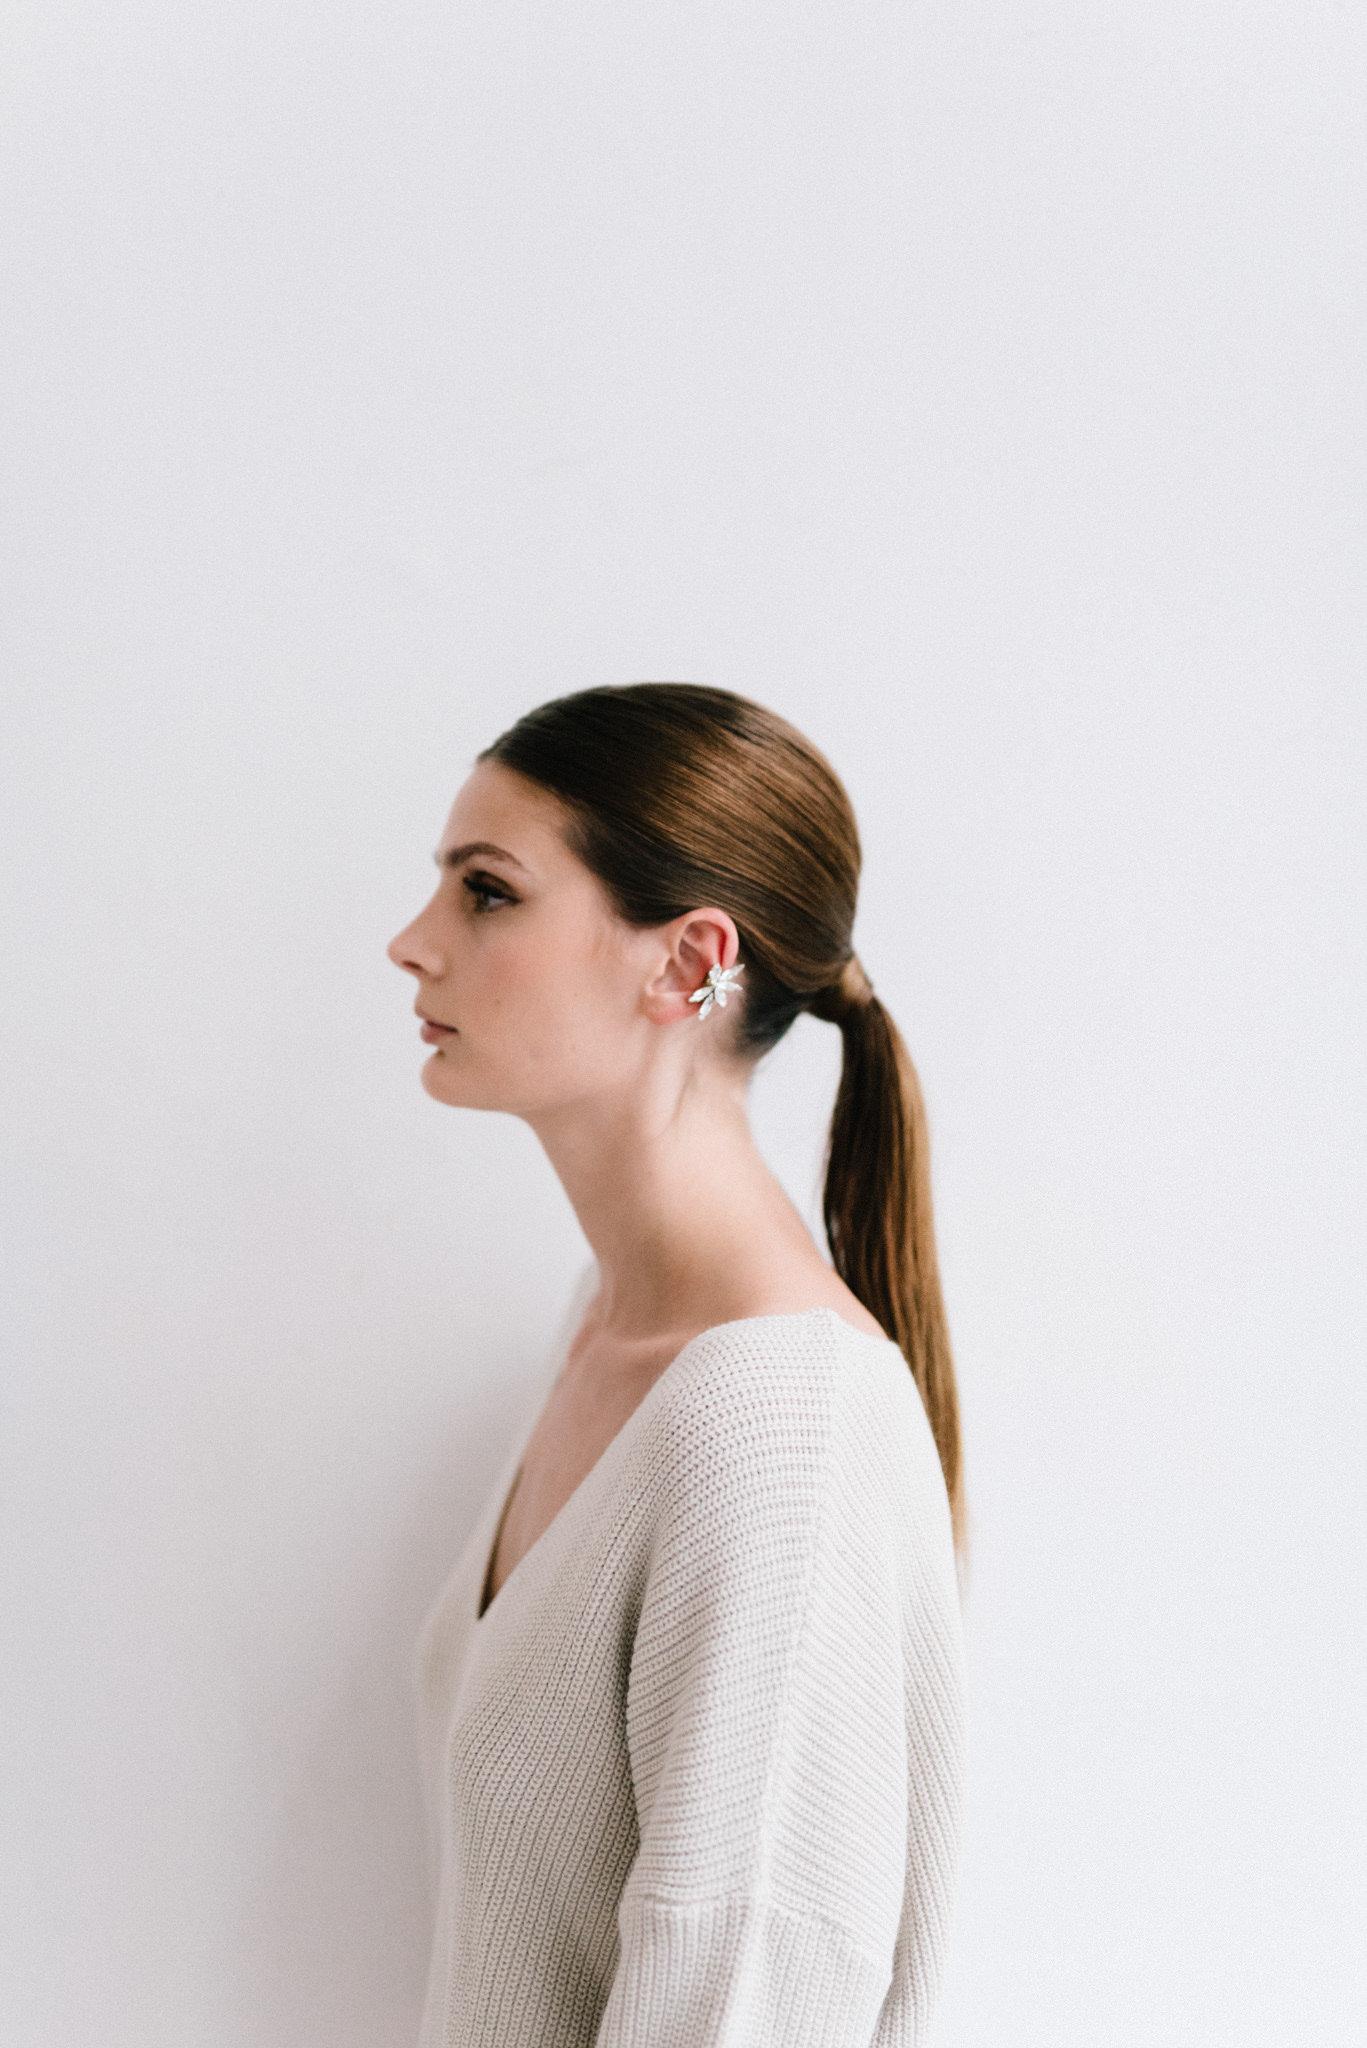 parisian-inspired-blog-mariagemaisonsabben-accessoires-mariee-earcuff-horizon.jpg